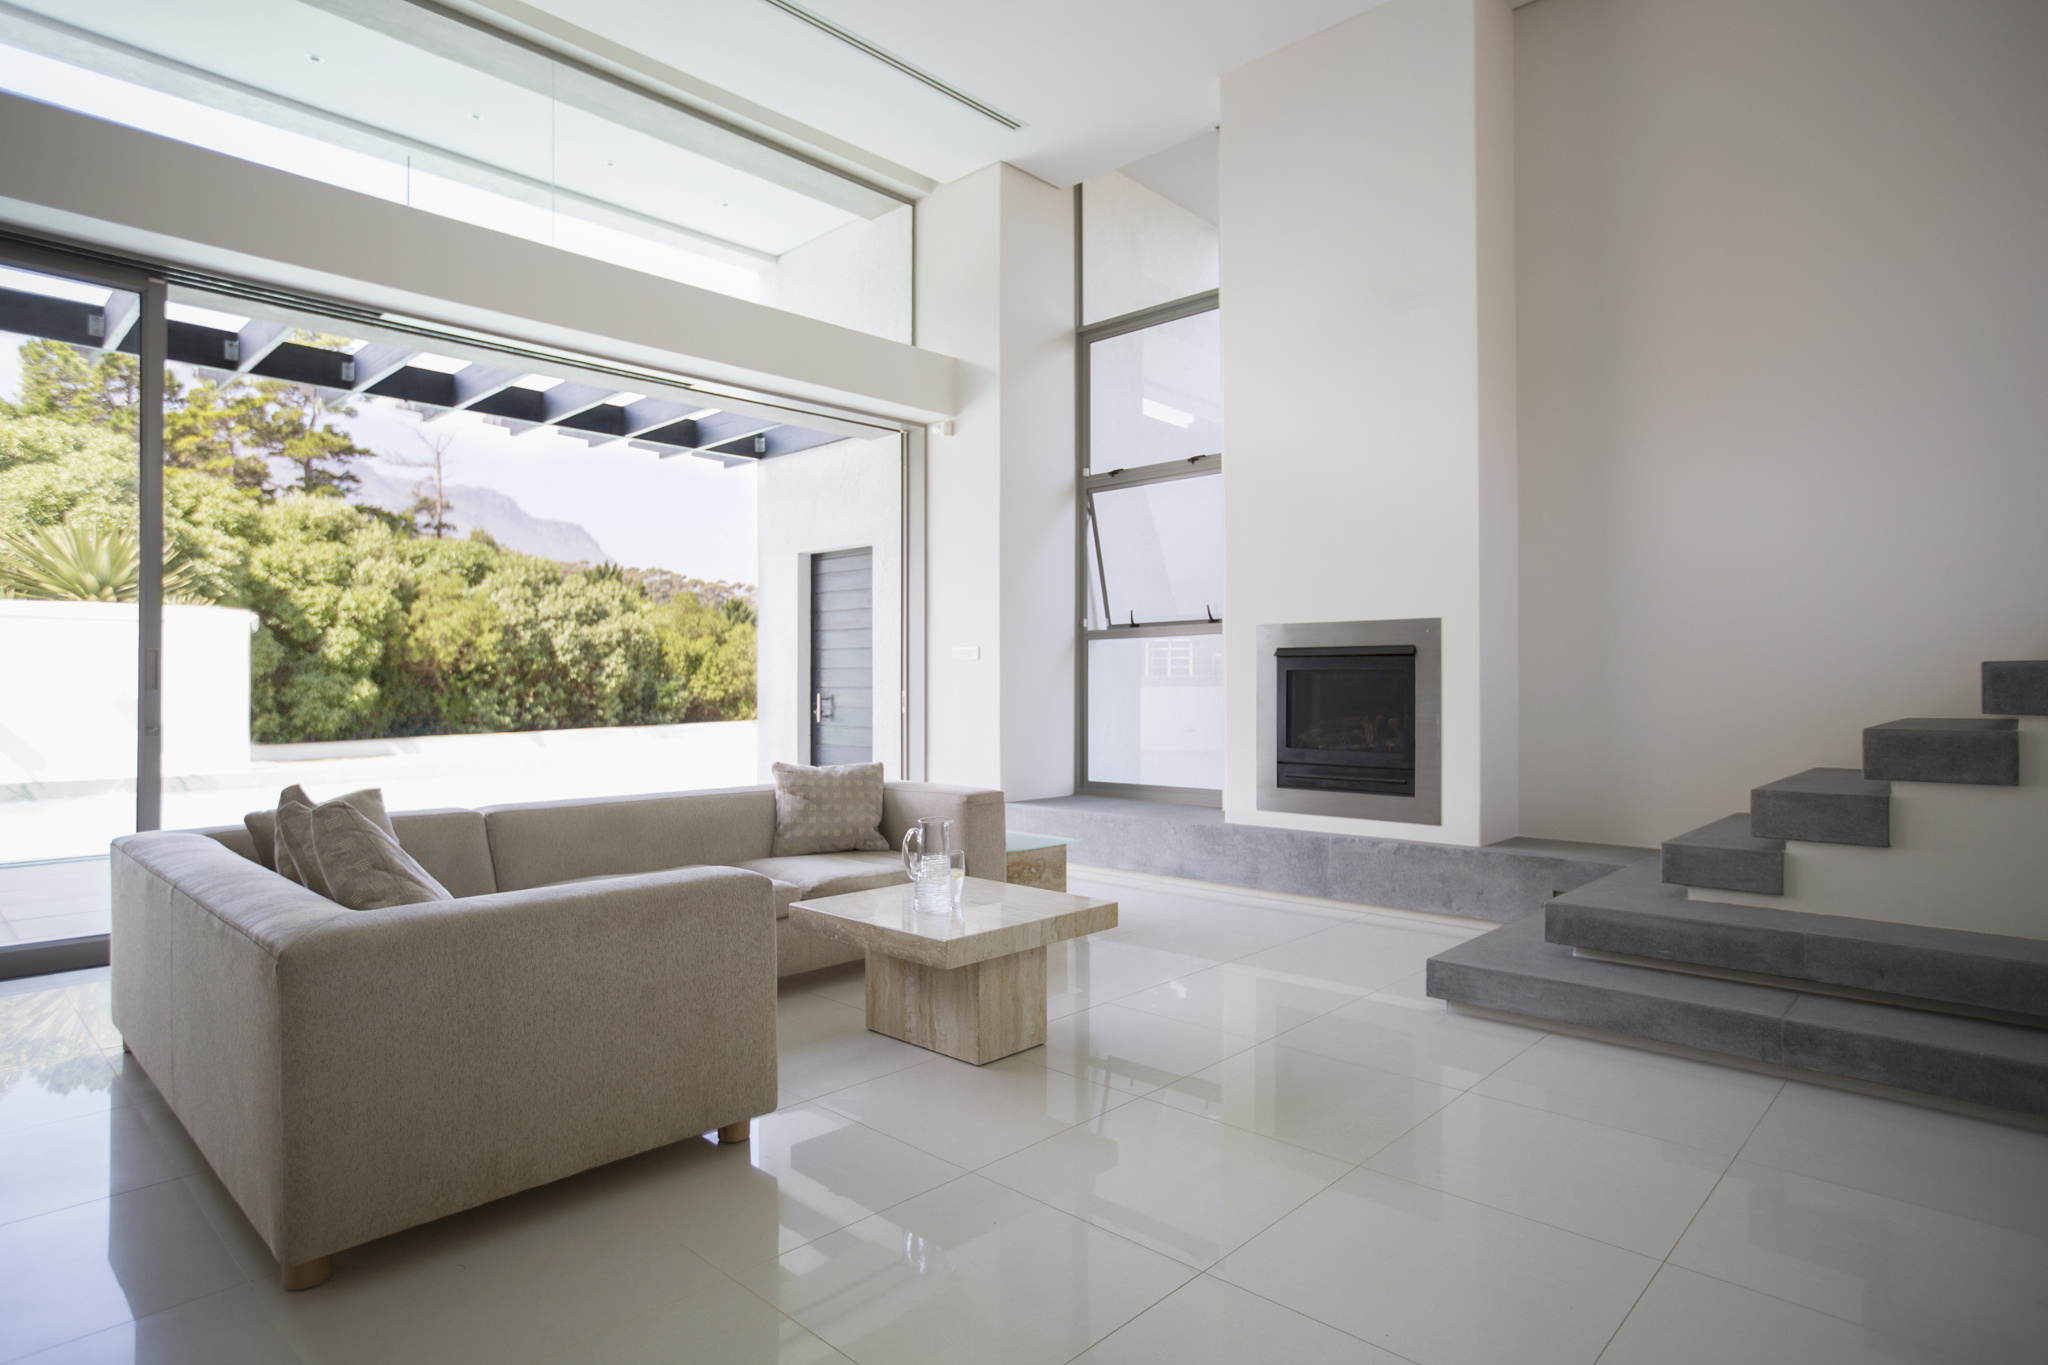 130543209-modern-living-room